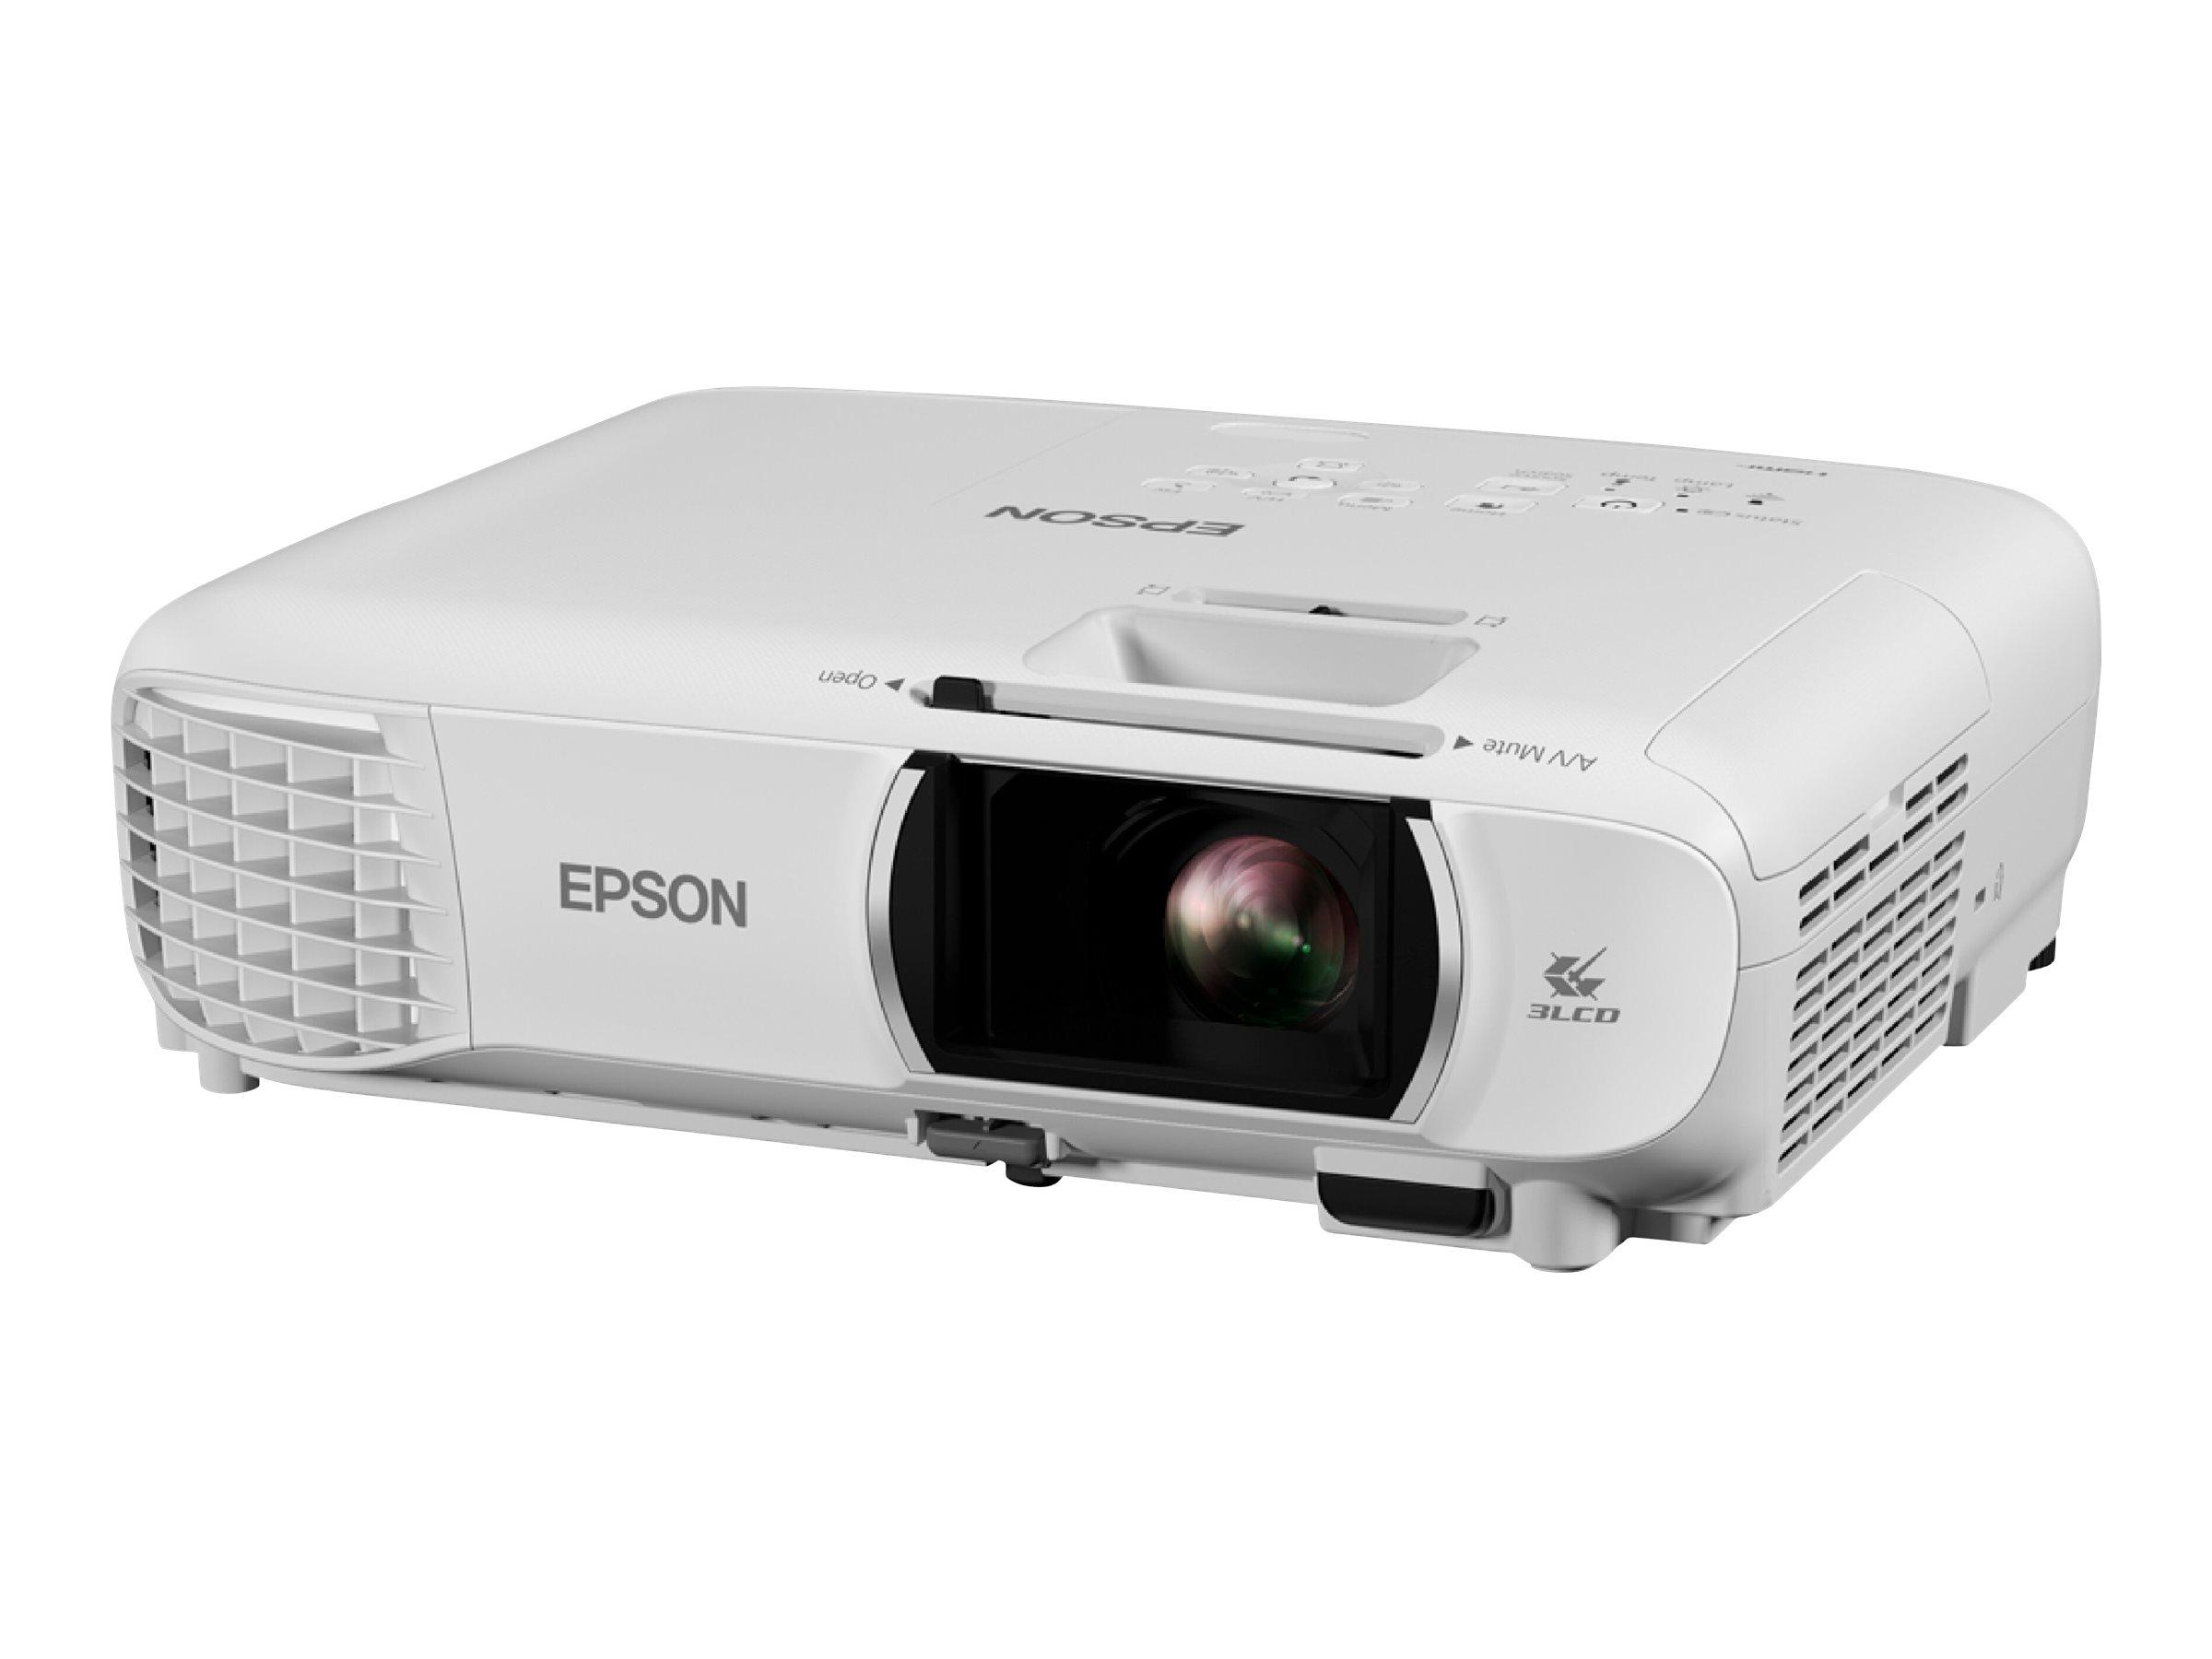 Epson EH-TW750 - 3-LCD-Projektor - tragbar - 3400 lm (weiss) - 3400 lm (Farbe) - Full HD (1920 x 1080)